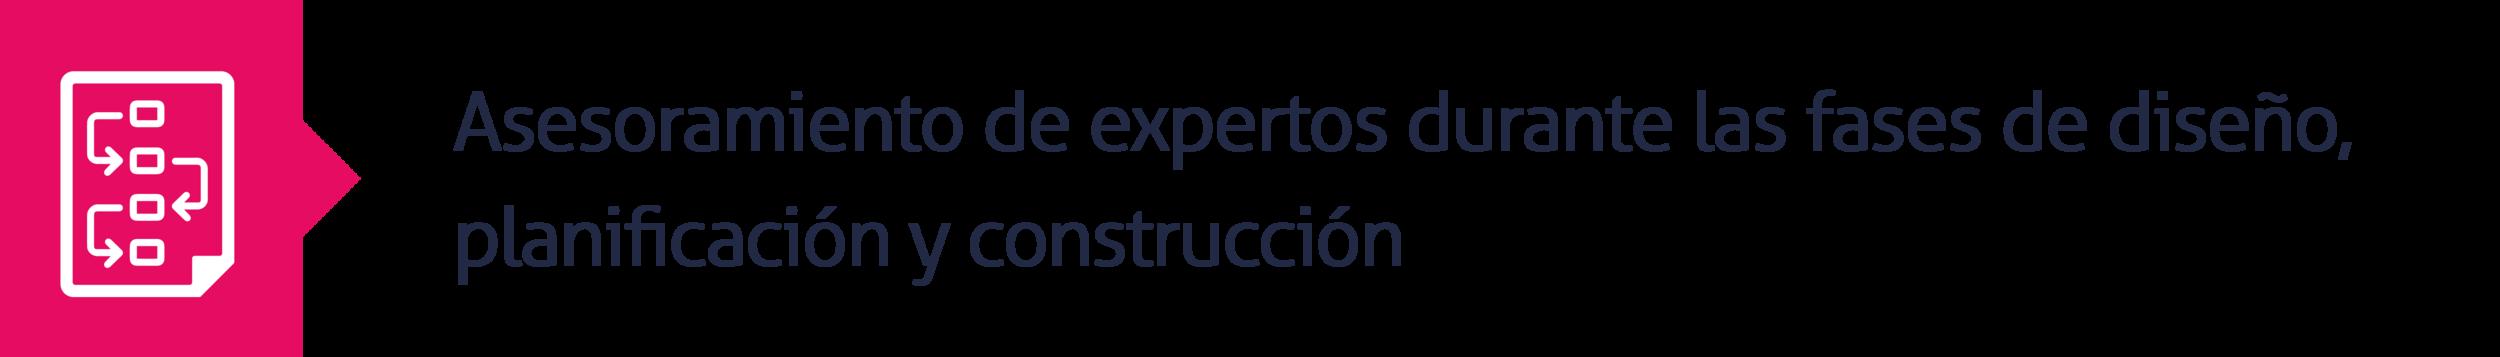 1.Asesoramiento de expertos durante las fases de diseño, planificación y construcción